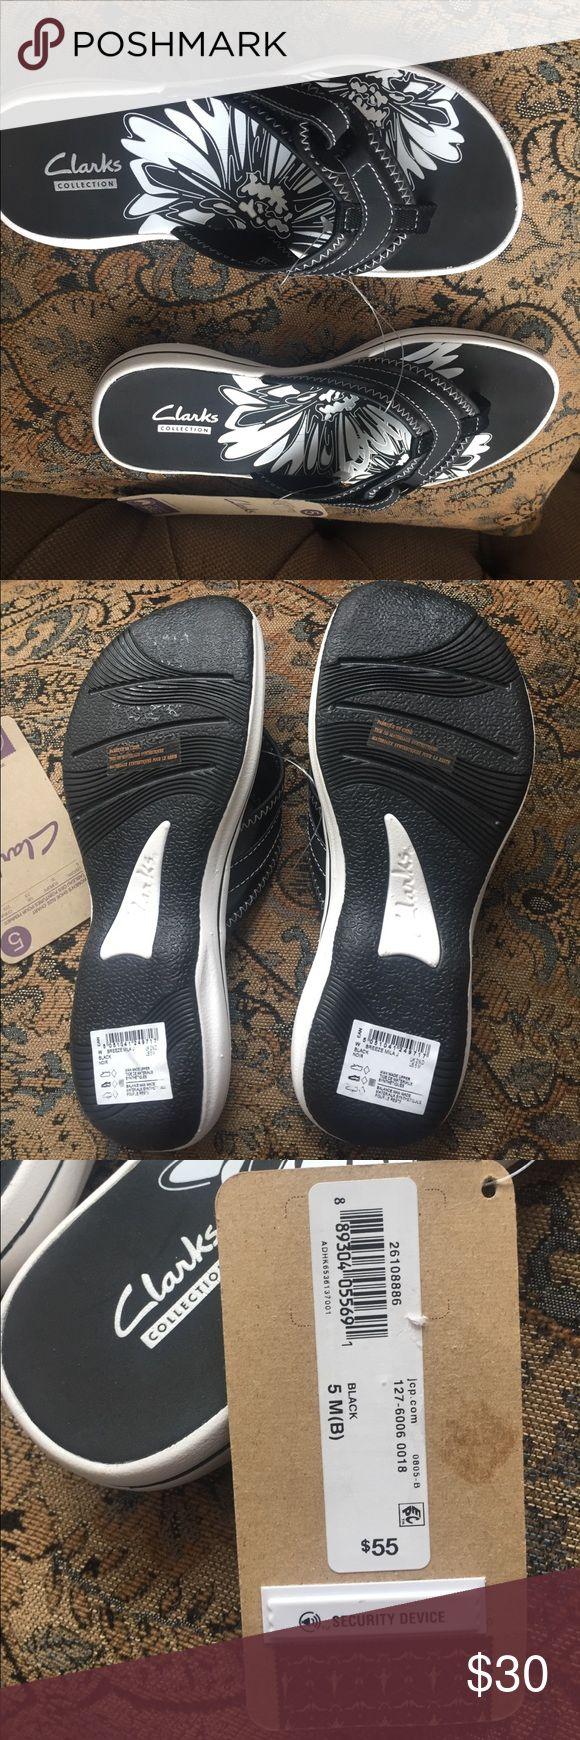 Clarks sandals size 5M Clarks sandals size 5M. NWT! Shoes Sandals